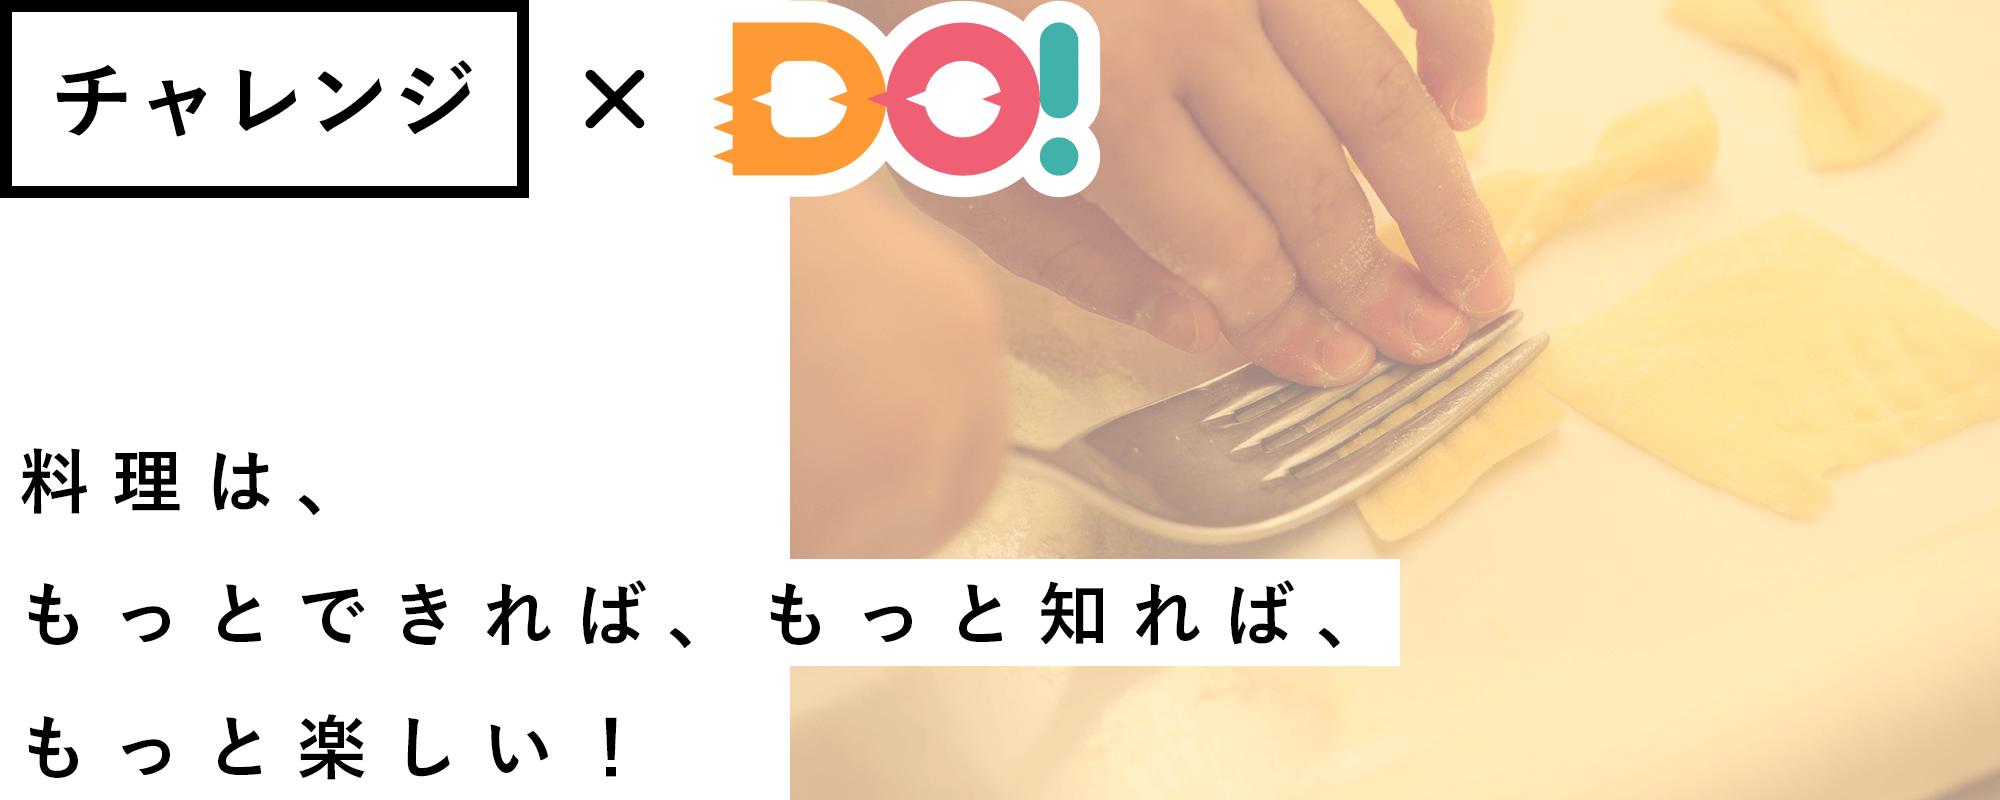 チャレンジ×Do!